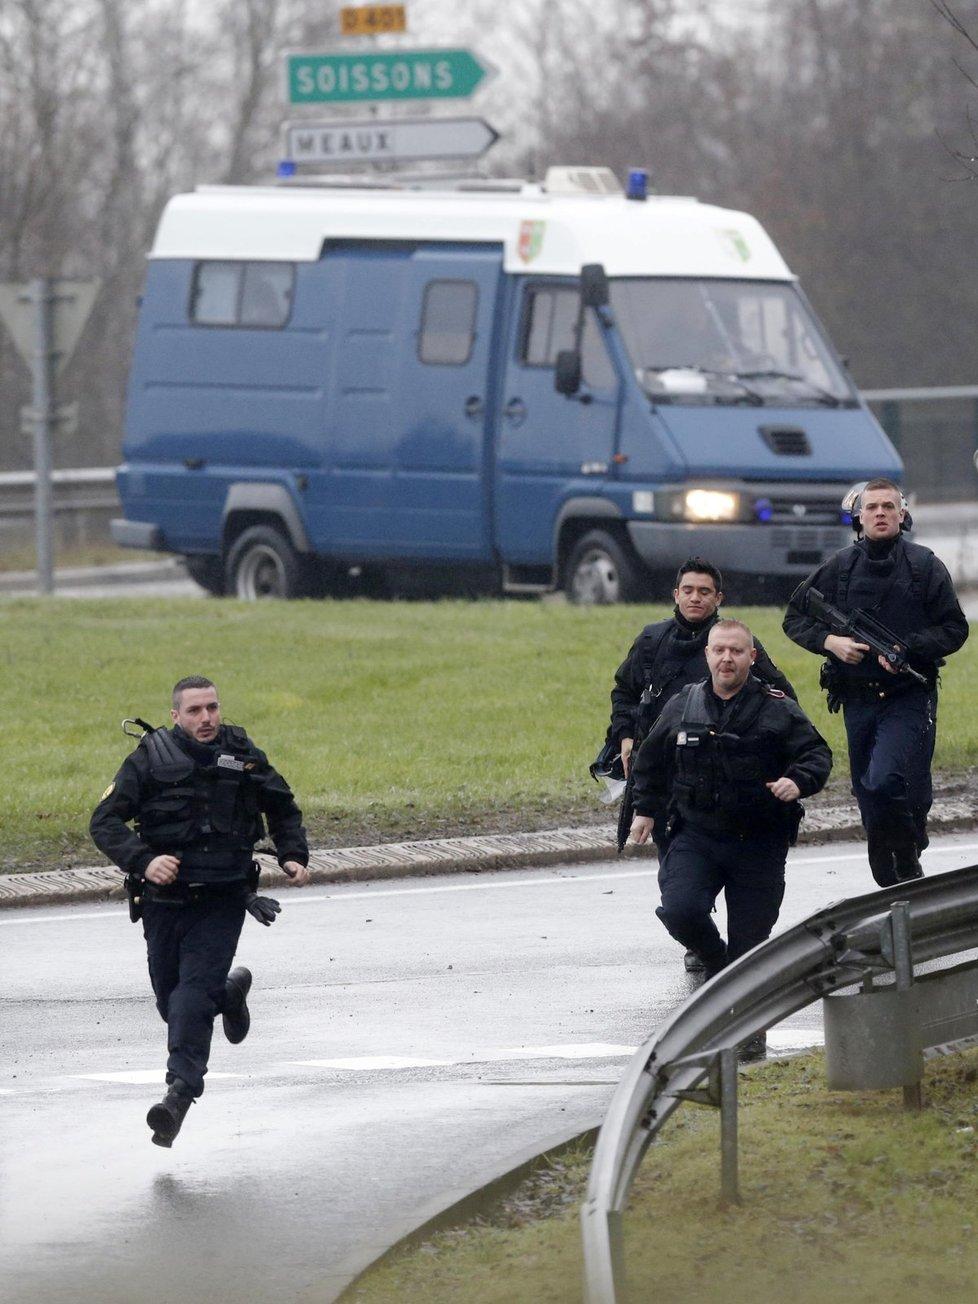 Francouzští policisté běží k budově, kde se zabarikádovali teroristé, kteří vzali rukojmí